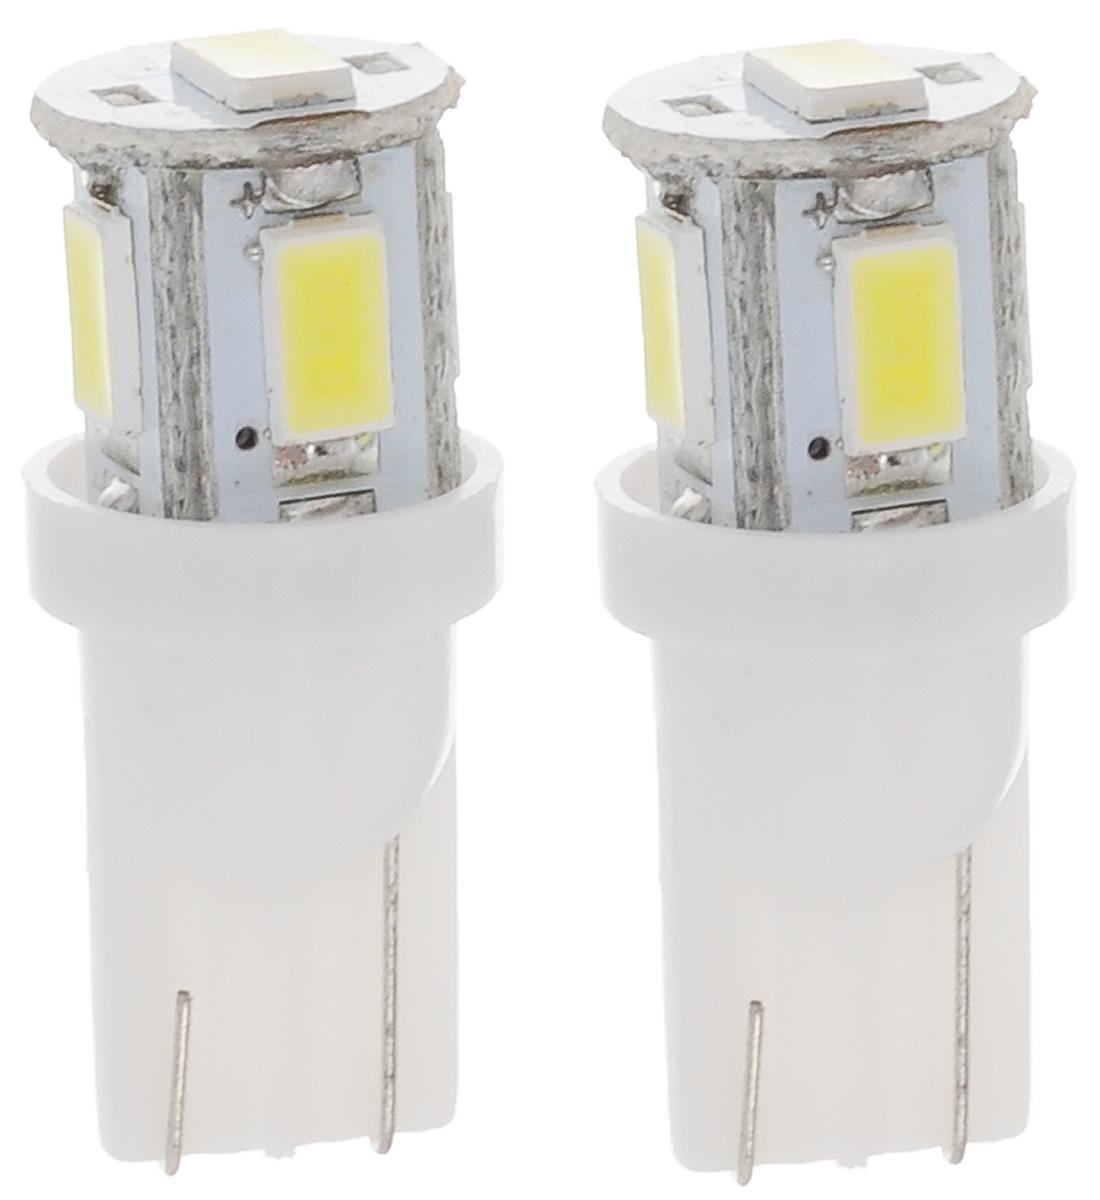 Лампа автомобильная Skyway, светодиодная, цоколь T10 (W5W), 12Вт, 2 штST10-0530B W (блистер) (2шт)Светодиодная лампа Skyway используется для габаритных огней и для подсветки номерного знака. Лучший вариант современной энергосберегающей лампы. Ударопрочность и устойчивость к вибрации позволяет LED-лампе работать в любых условиях. Срок эксплуатации LED-лампы в среднем 900 часов, что в три раза превышает аналогичный показатель обыкновенных ламп накаливания. При лучшем световом потоке LED-лампа потребляет в 7 раз меньше мощности, тем самым снимает нагрузку на АКБ и генератор и выделяет меньше тепла, из-за которого мутнеют фары. Рабочее напряжение 12В, беречь от дождя и воды.